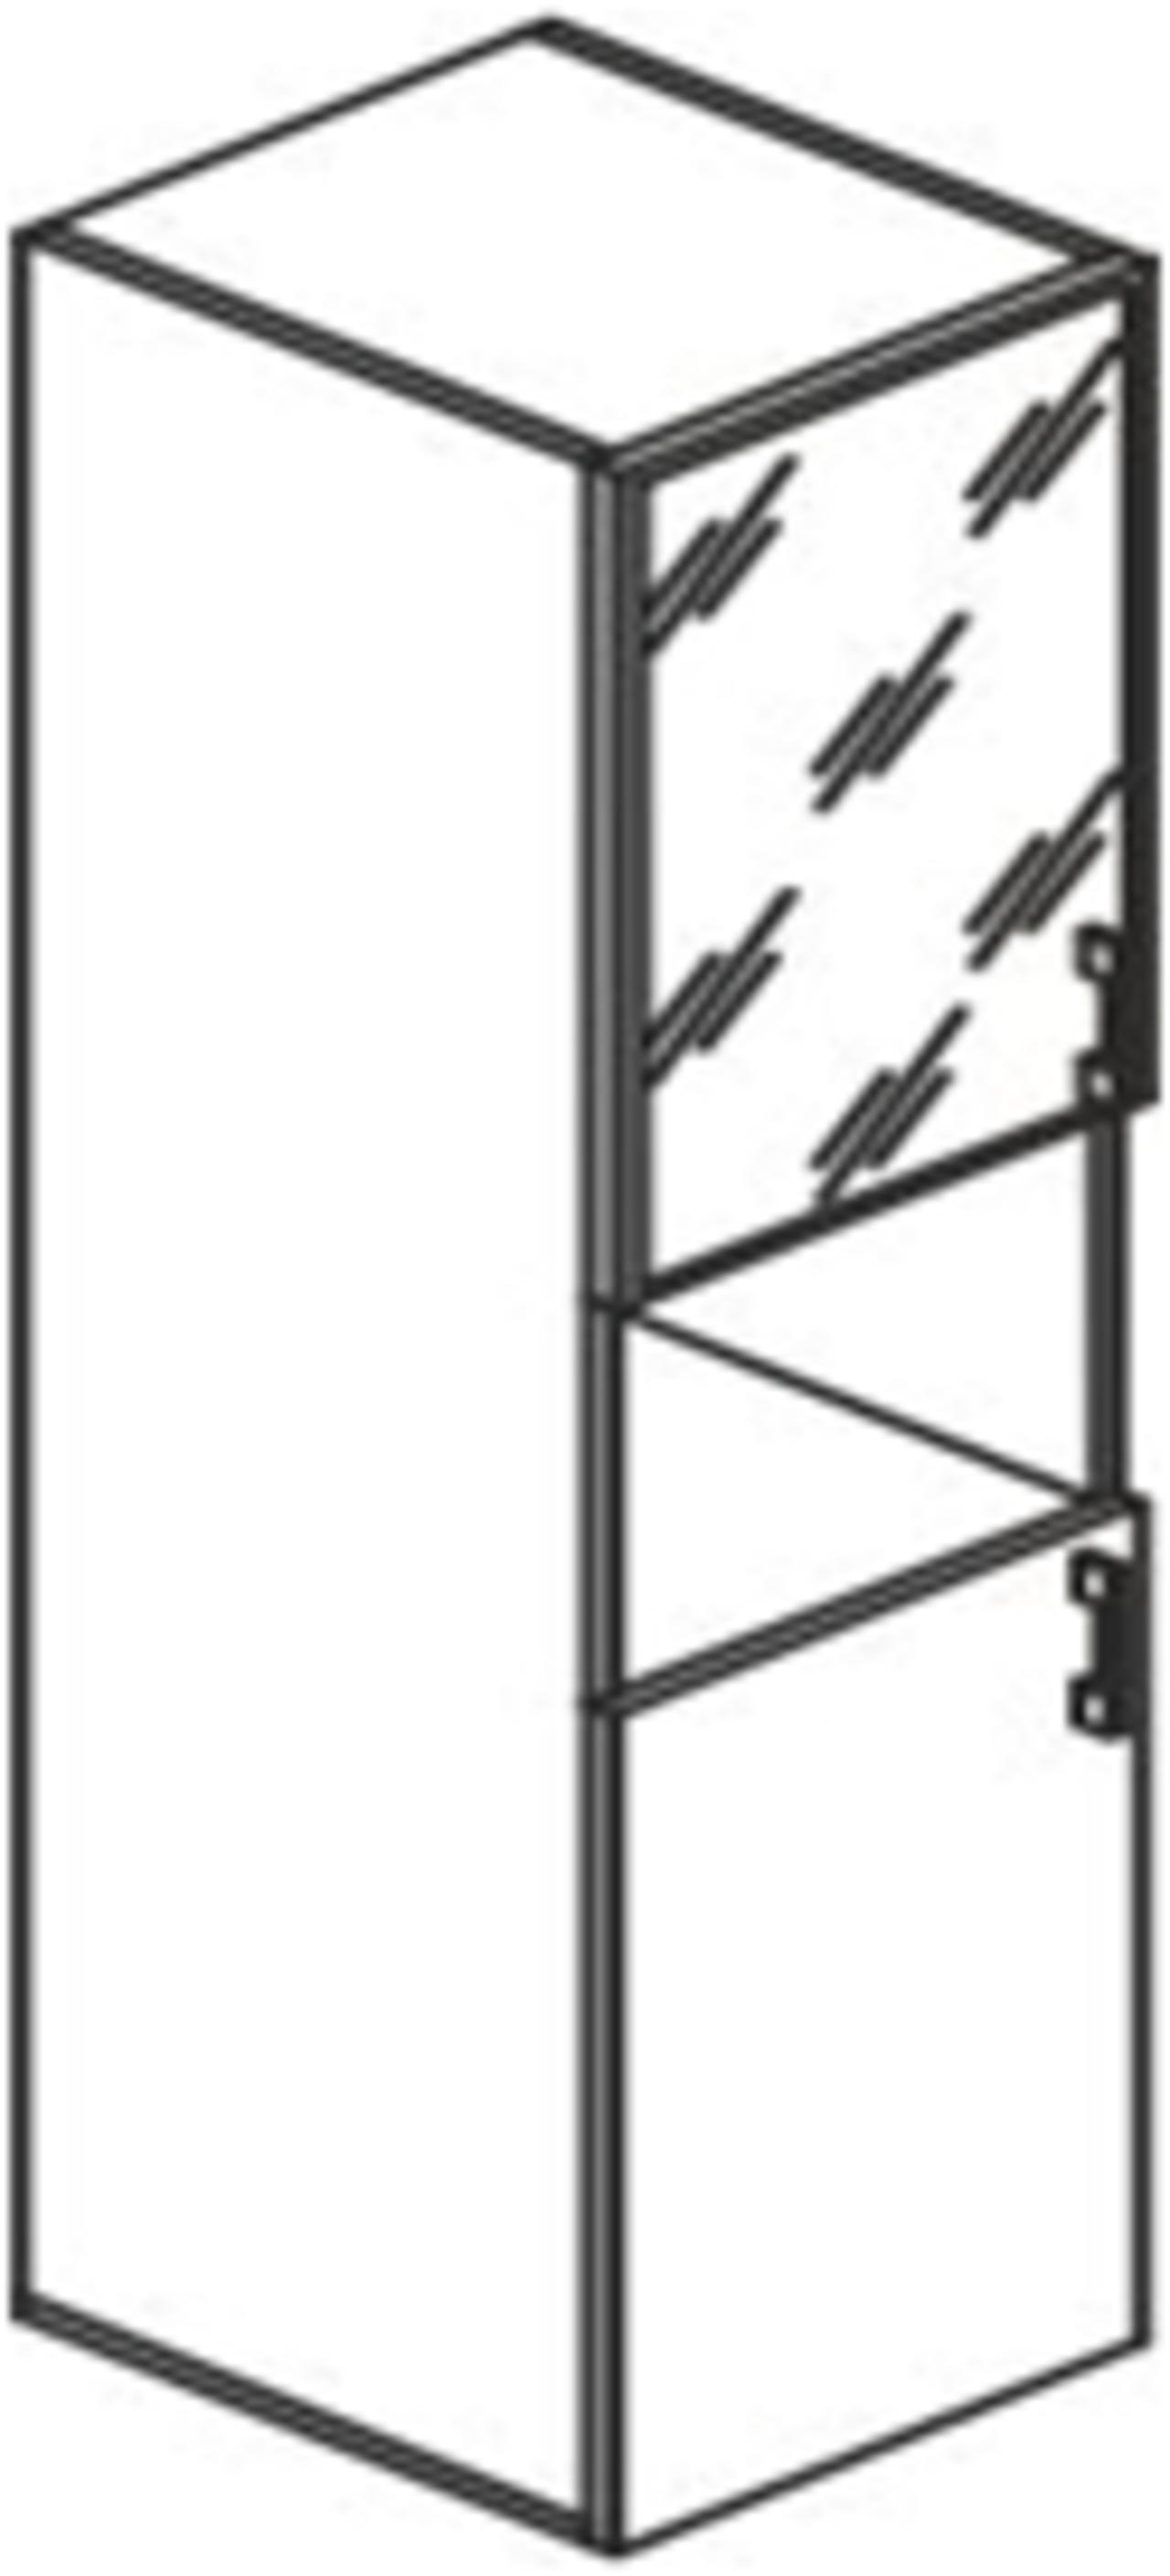 Стеллаж высокий узкий - фото 4